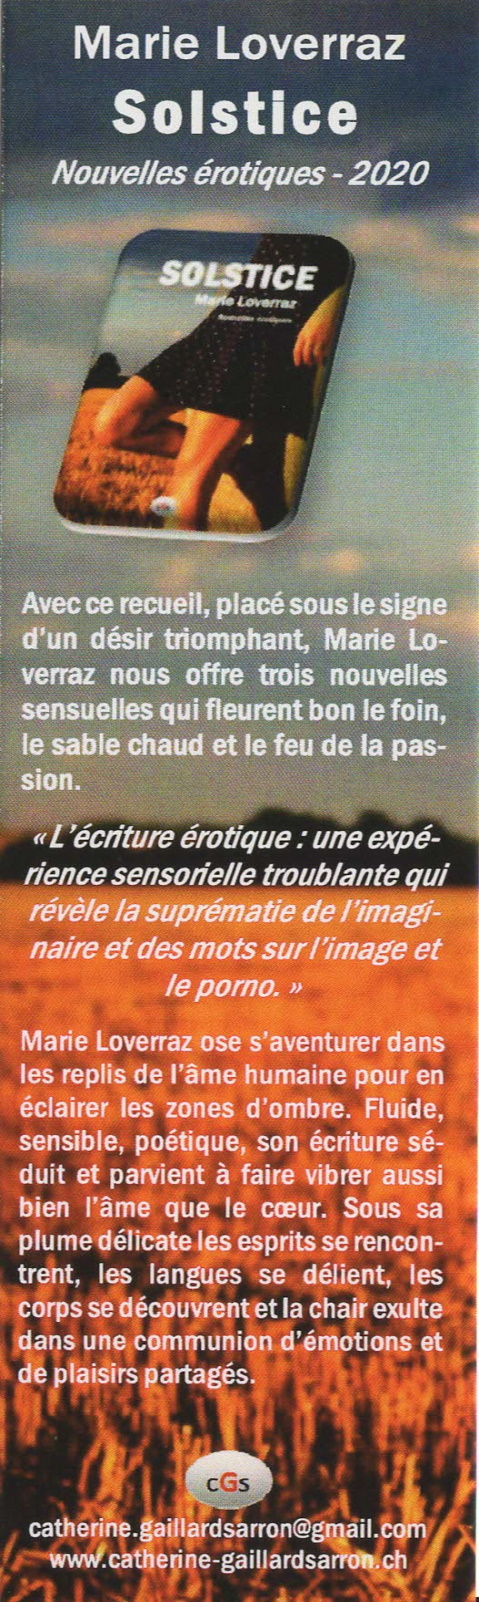 Marque-page solstice